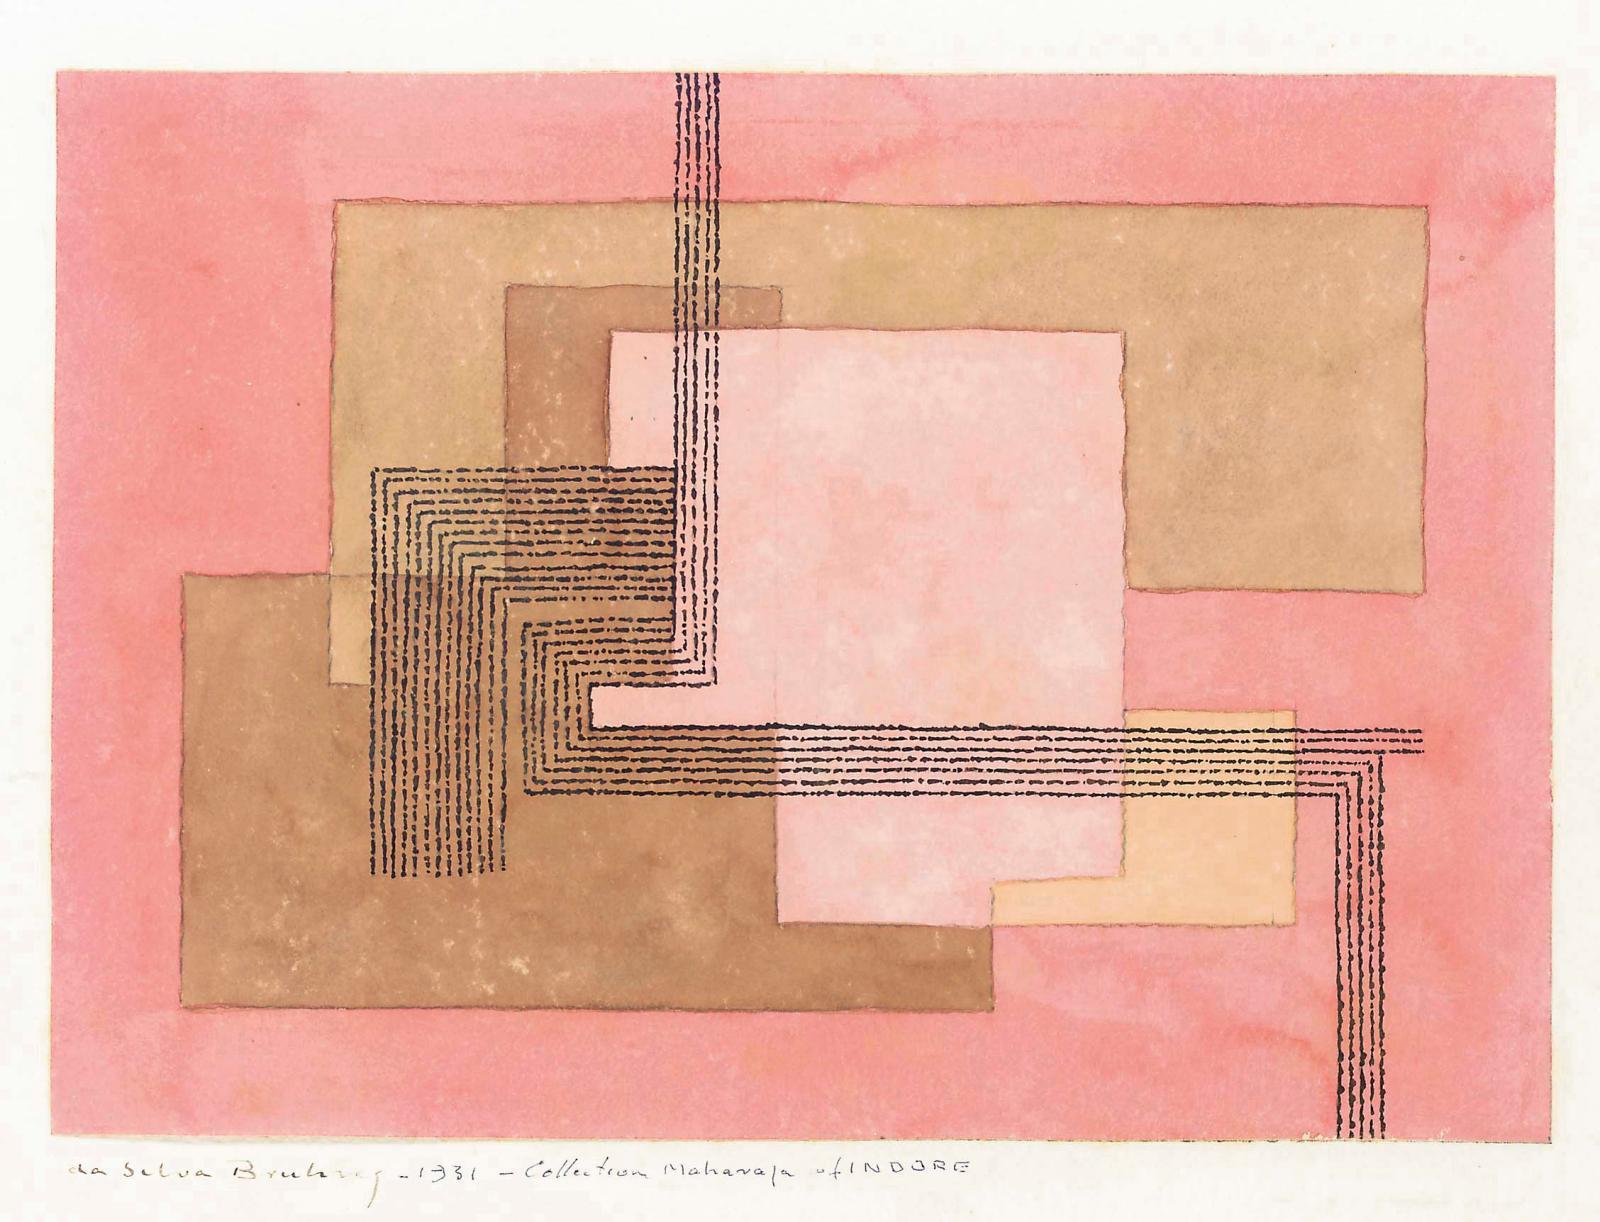 Ivan Da Silva Bruhns, carton de tapis pour le palais Manik Bagh, 1931, gouache sur papier 56 x 75,5 cm.